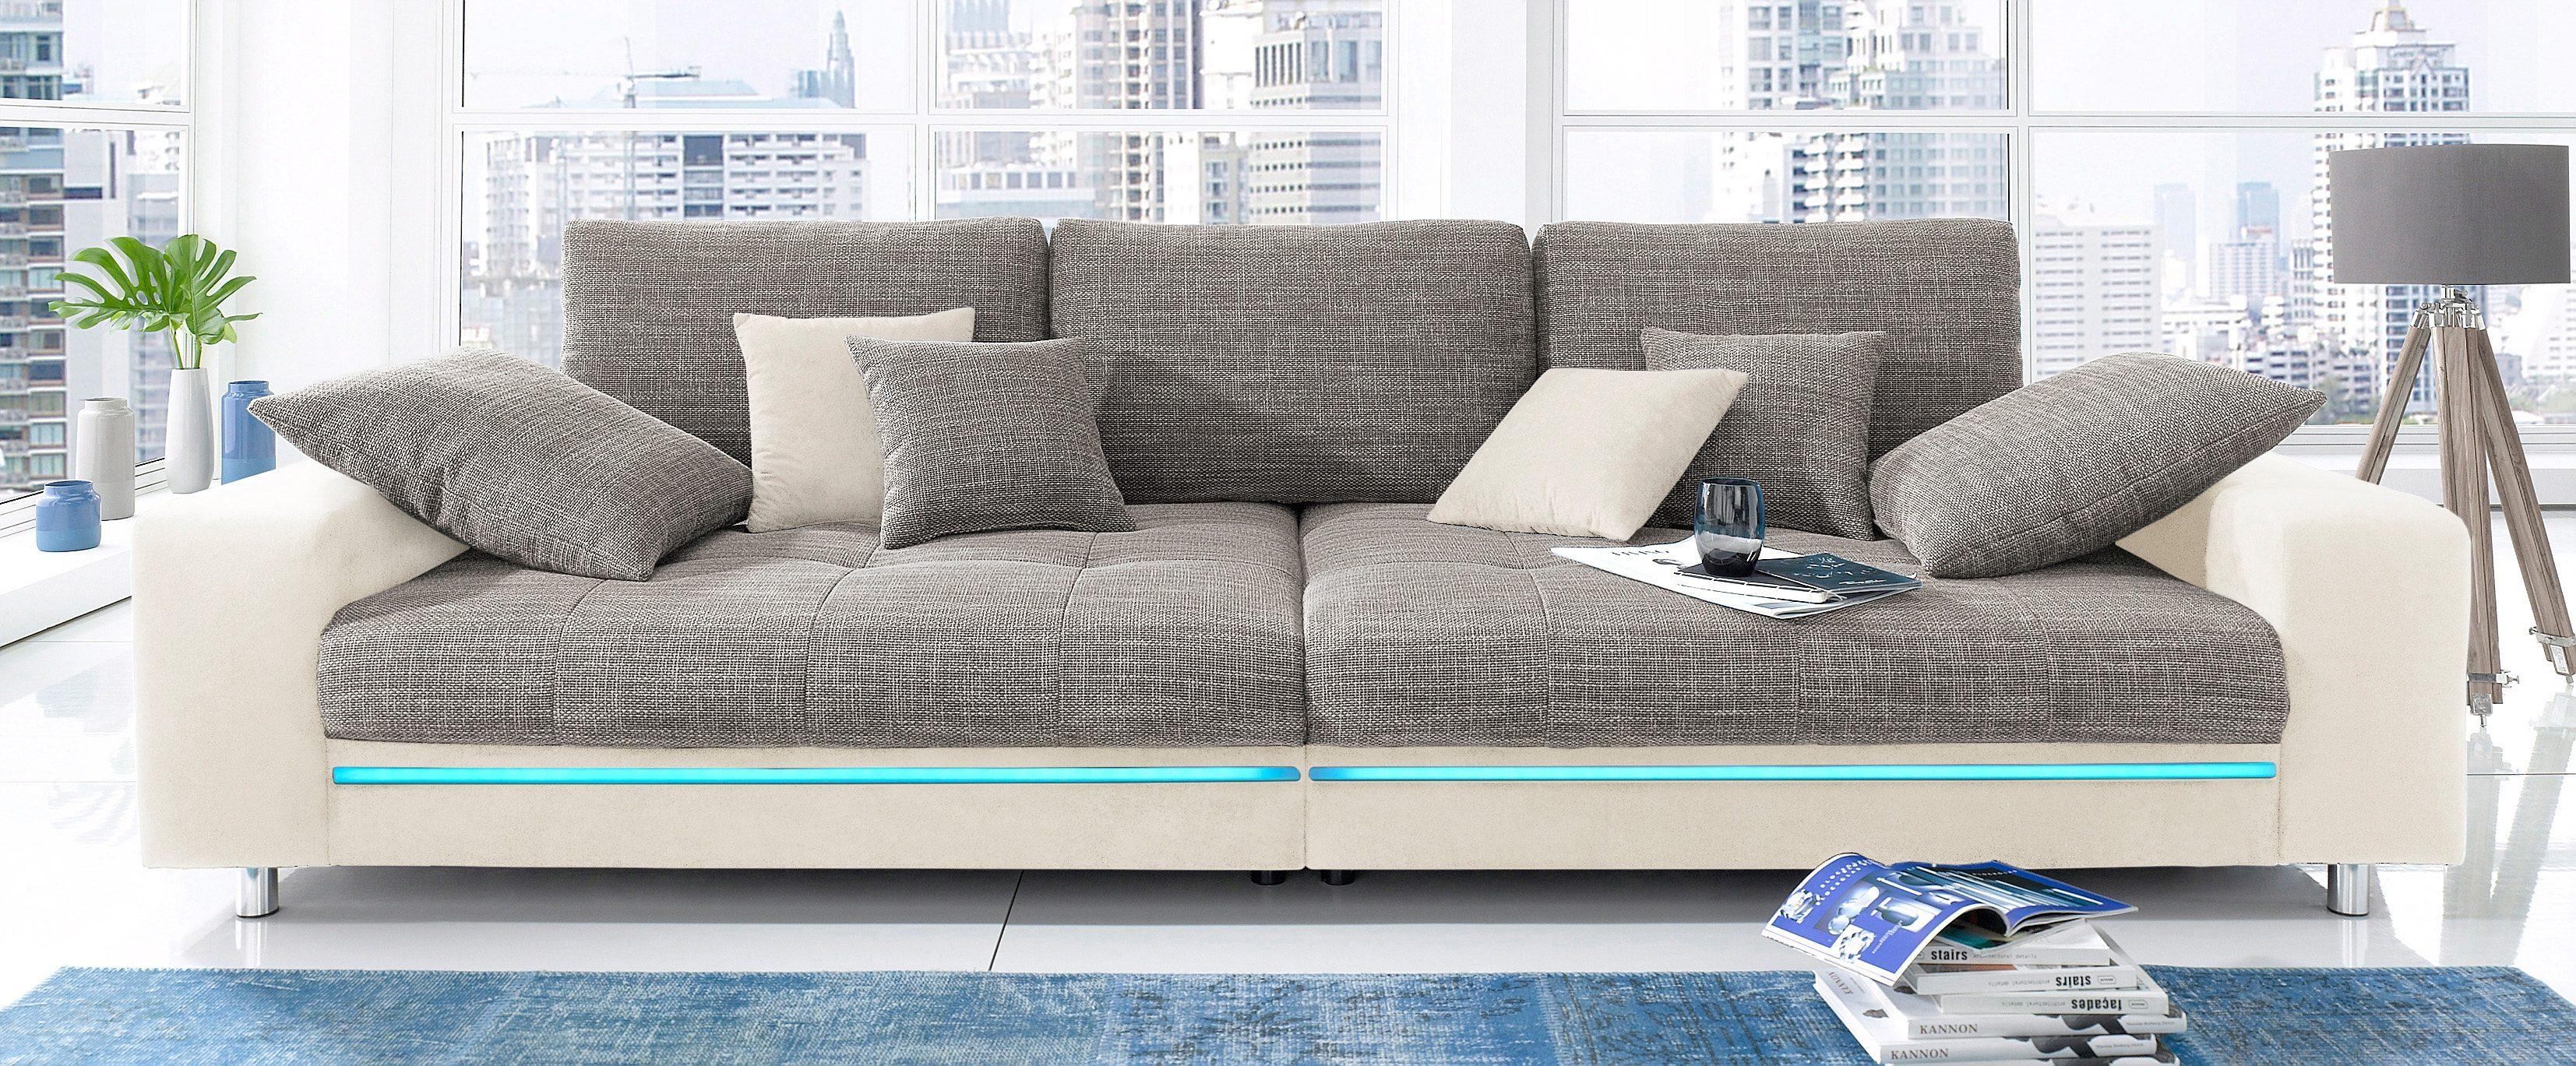 Sofa Xxl Lutz Fernsehsessel Verstellbarer Ruckenlehne Haus Mobel